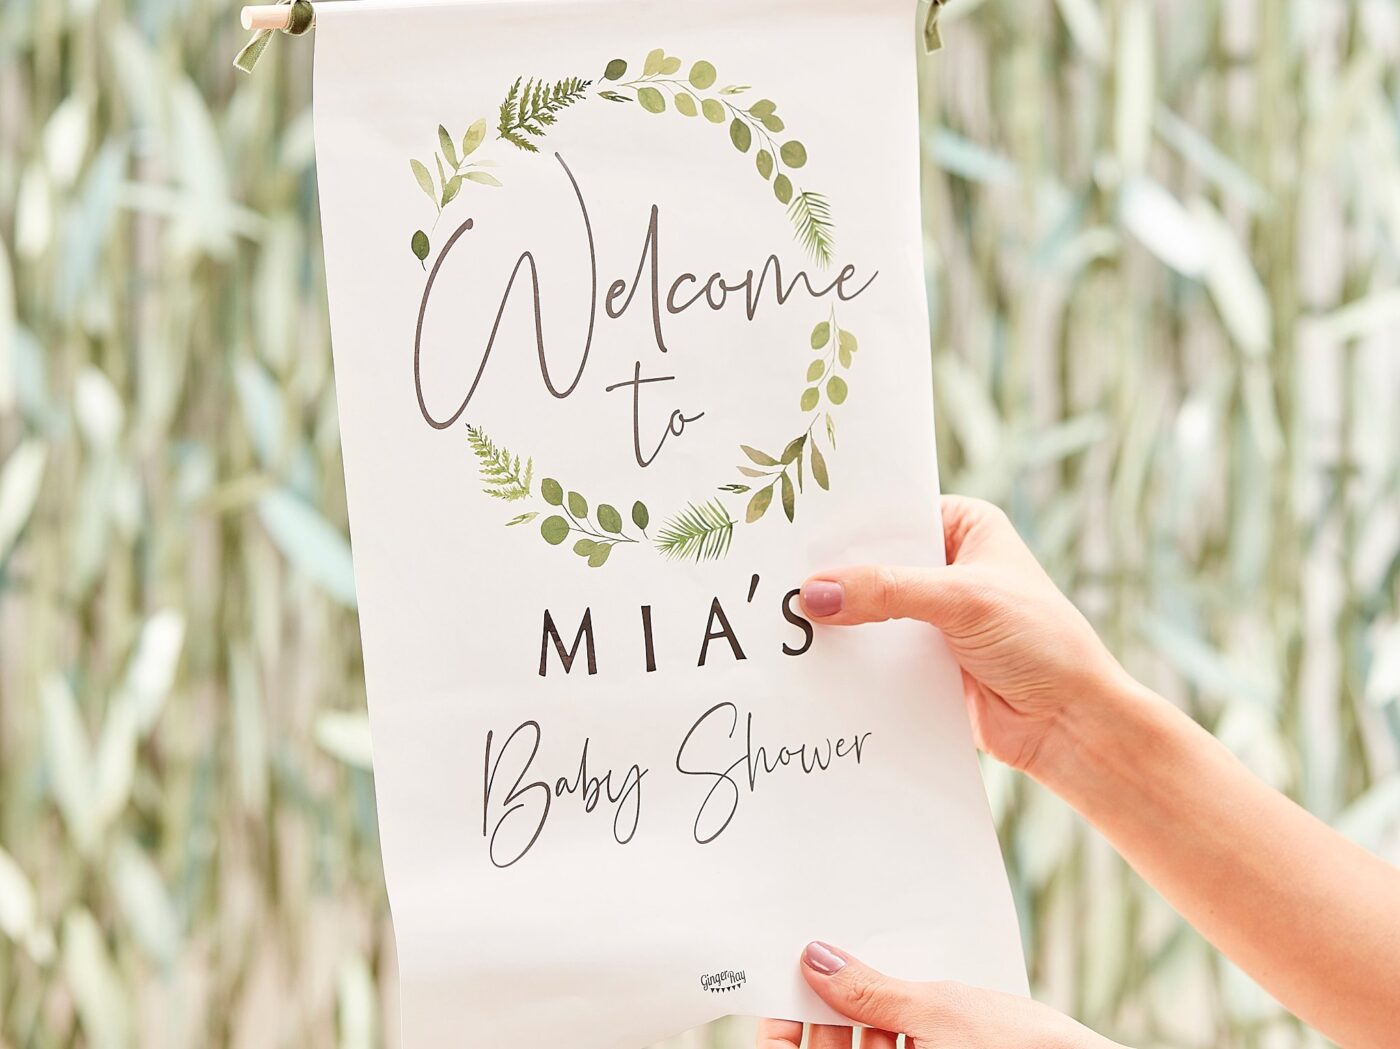 Nieuwe babyshower collecties, partydeco